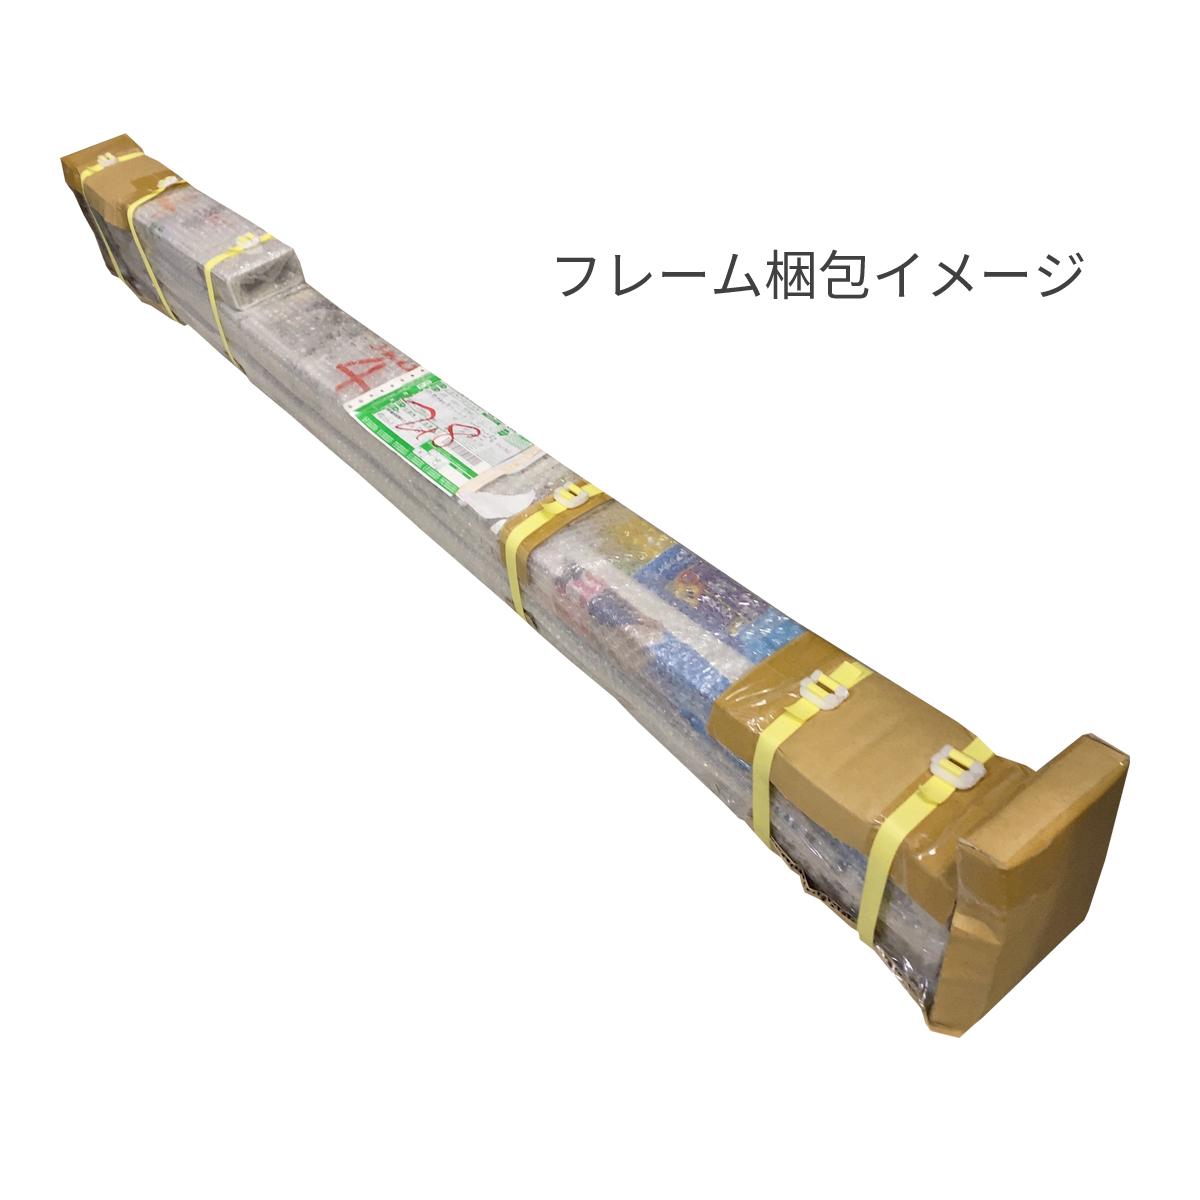 GIBBON JAPAN スラックラック3M梱包イメージ